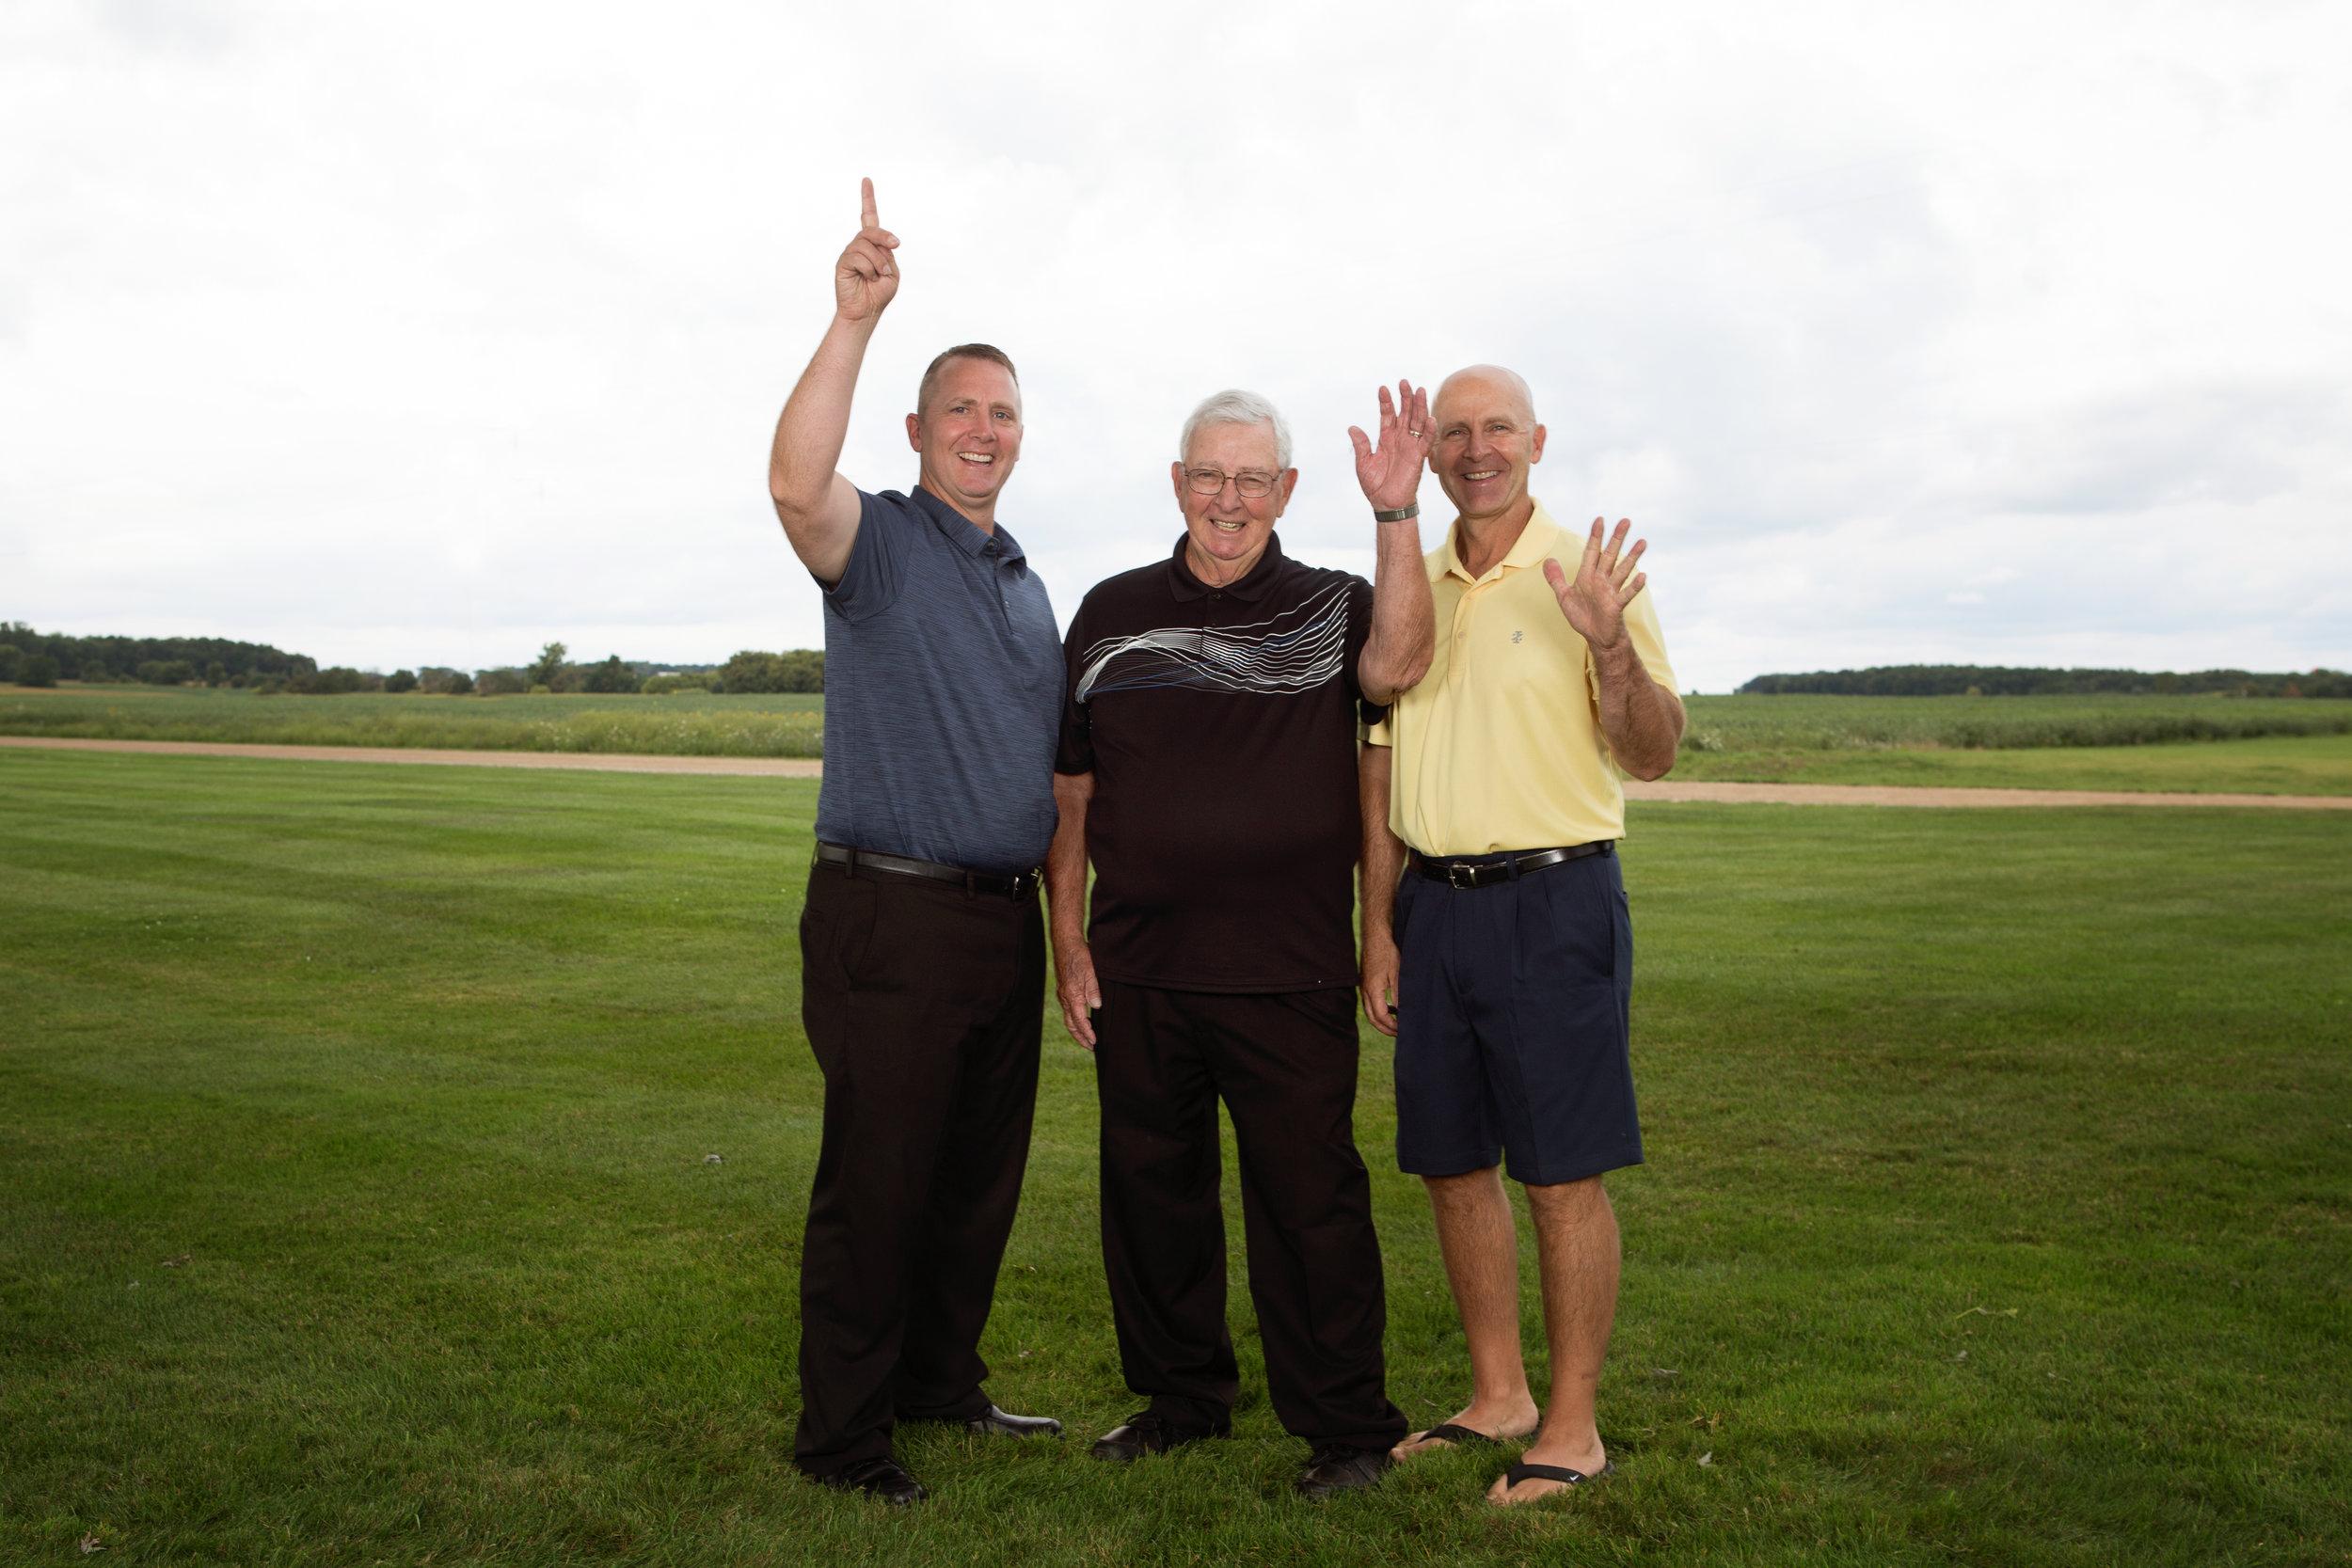 group of men waving